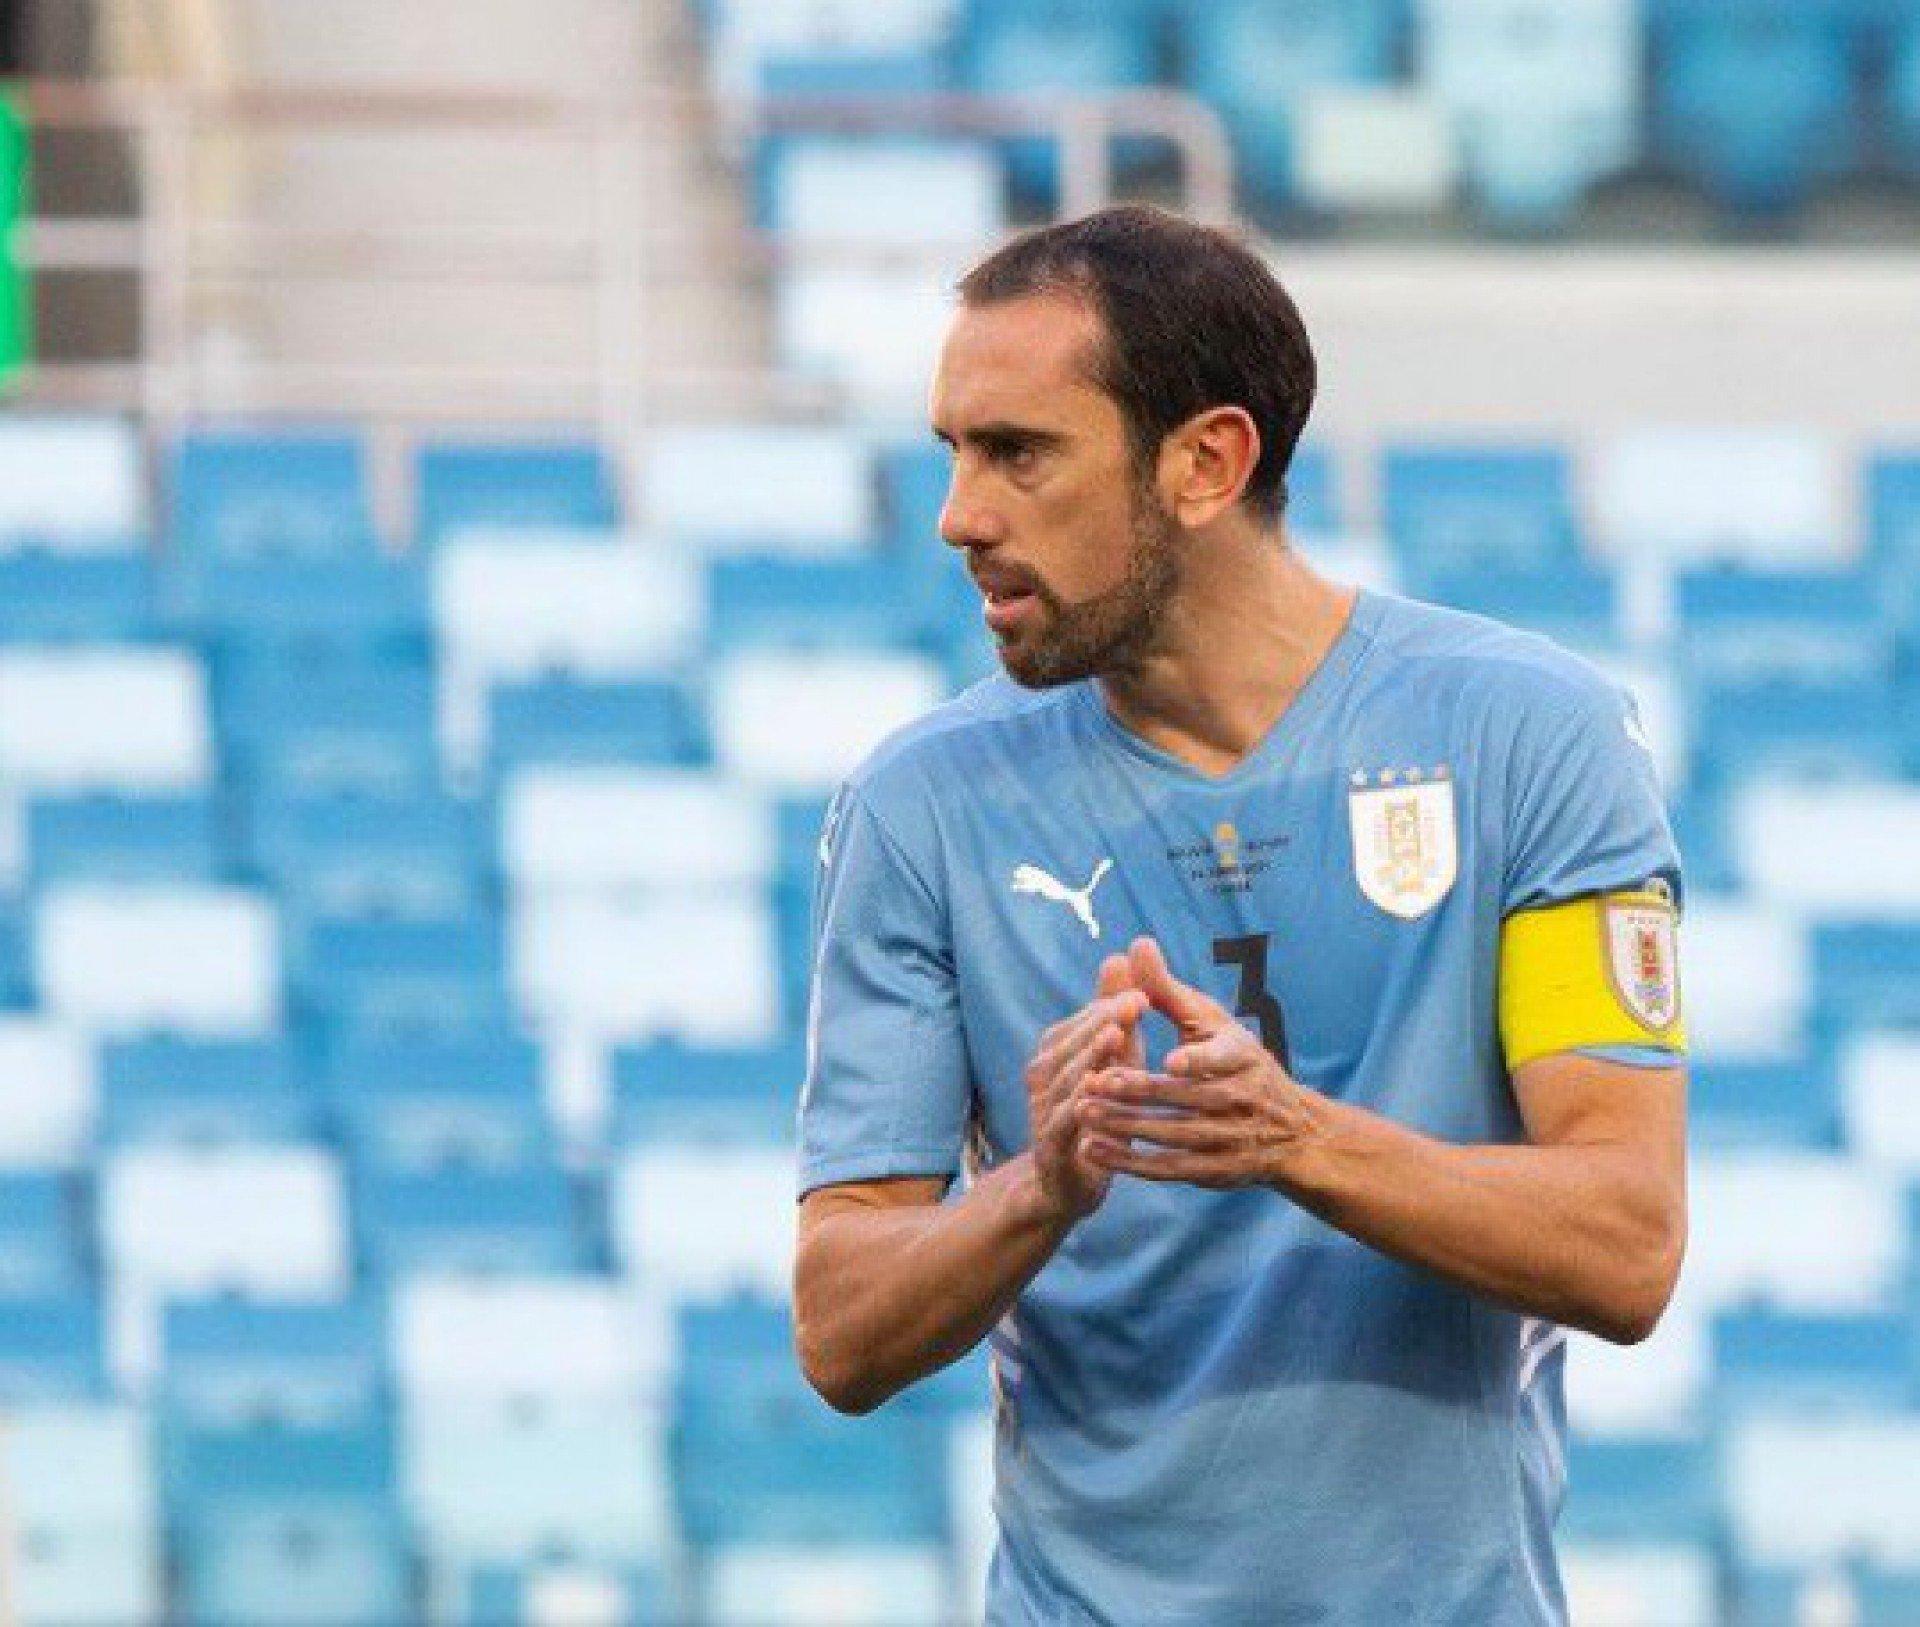 Zagueiro da seleção uruguaia elogia Arrascaeta e recebe convite de torcedores: 'Vem para o Flamengo'